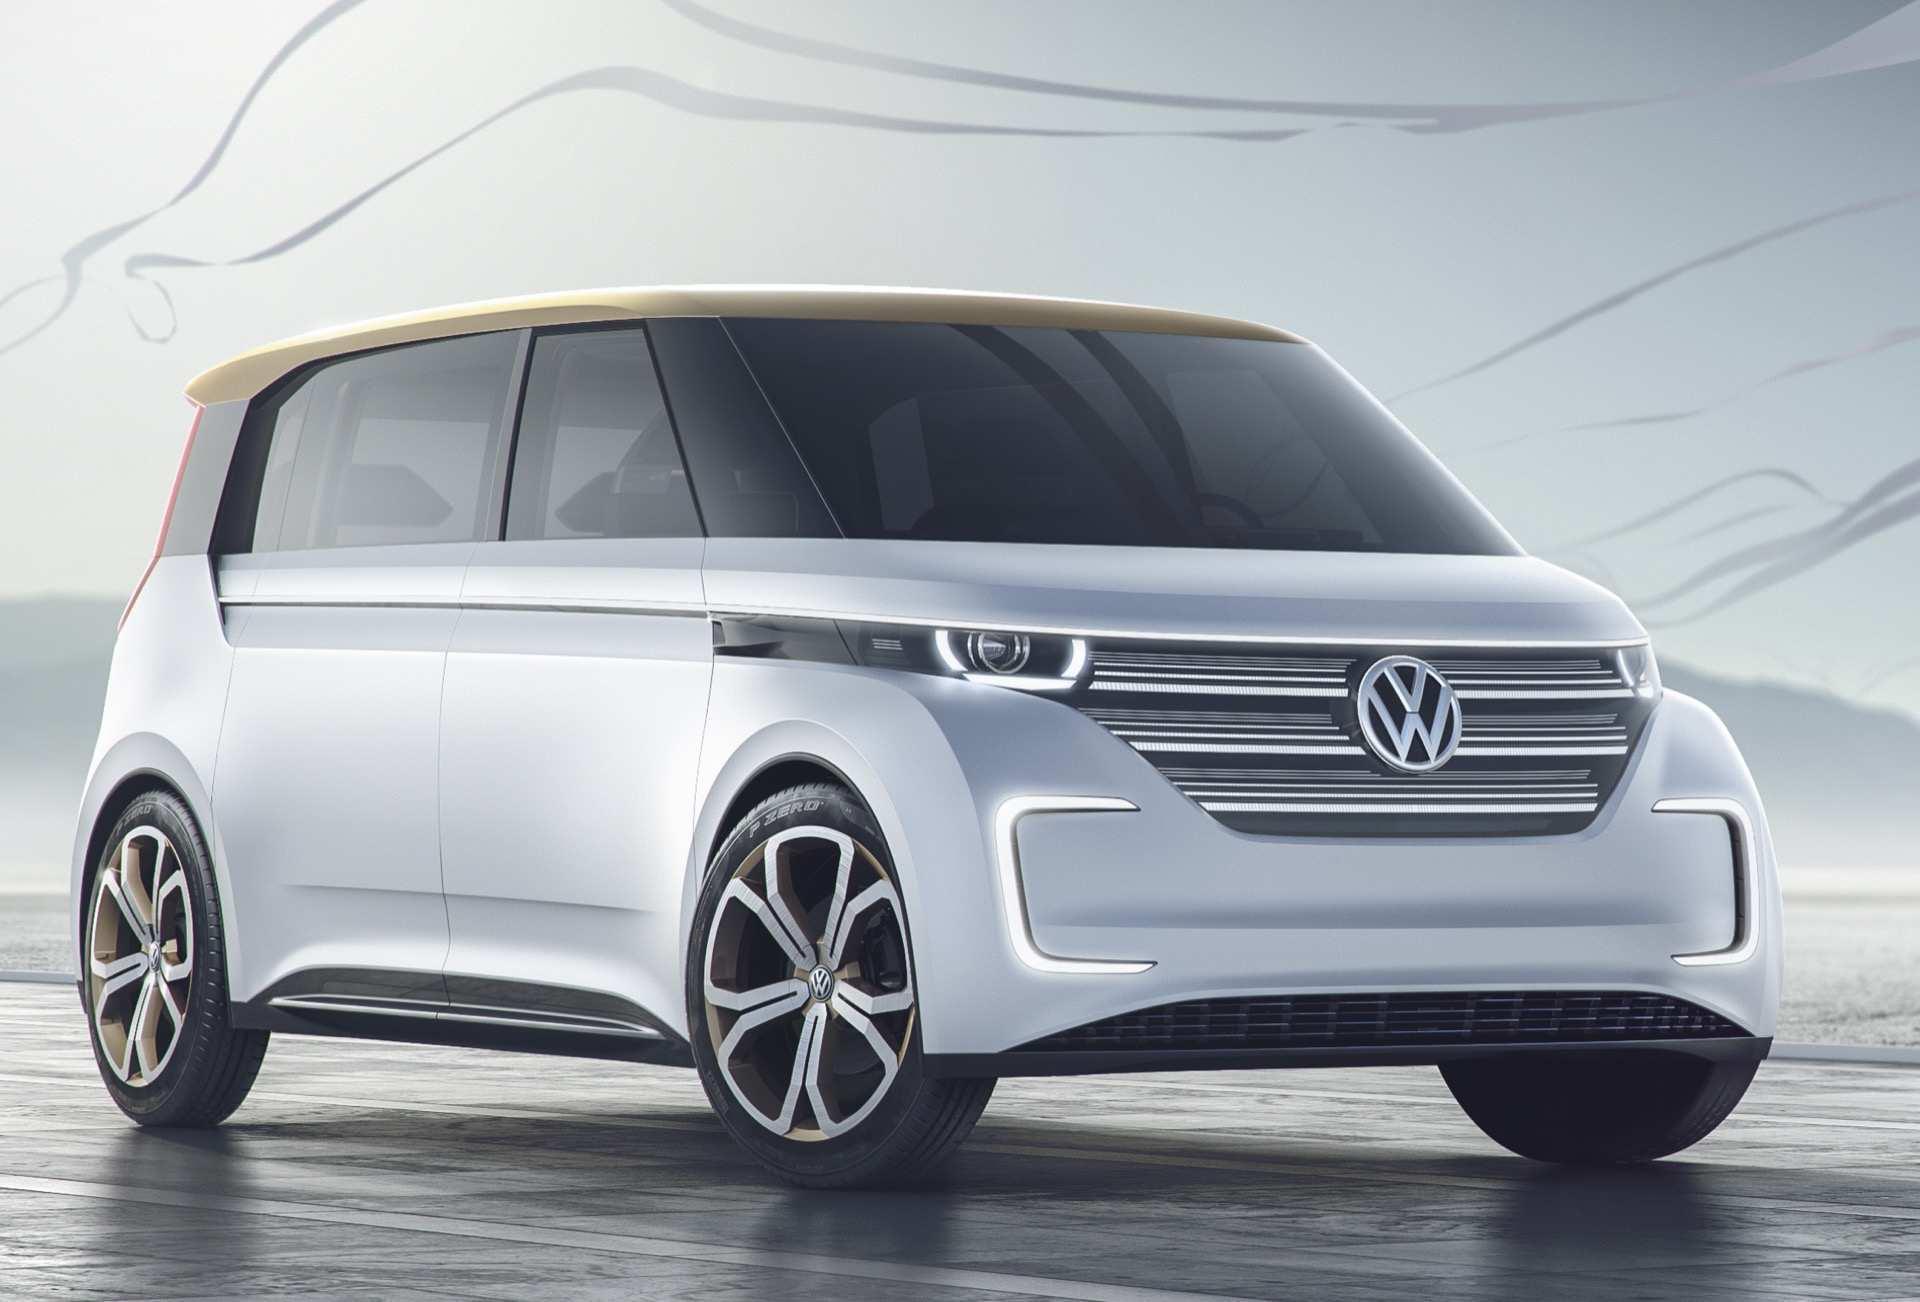 35 Concept of Volkswagen Ev 2020 Exterior with Volkswagen Ev 2020